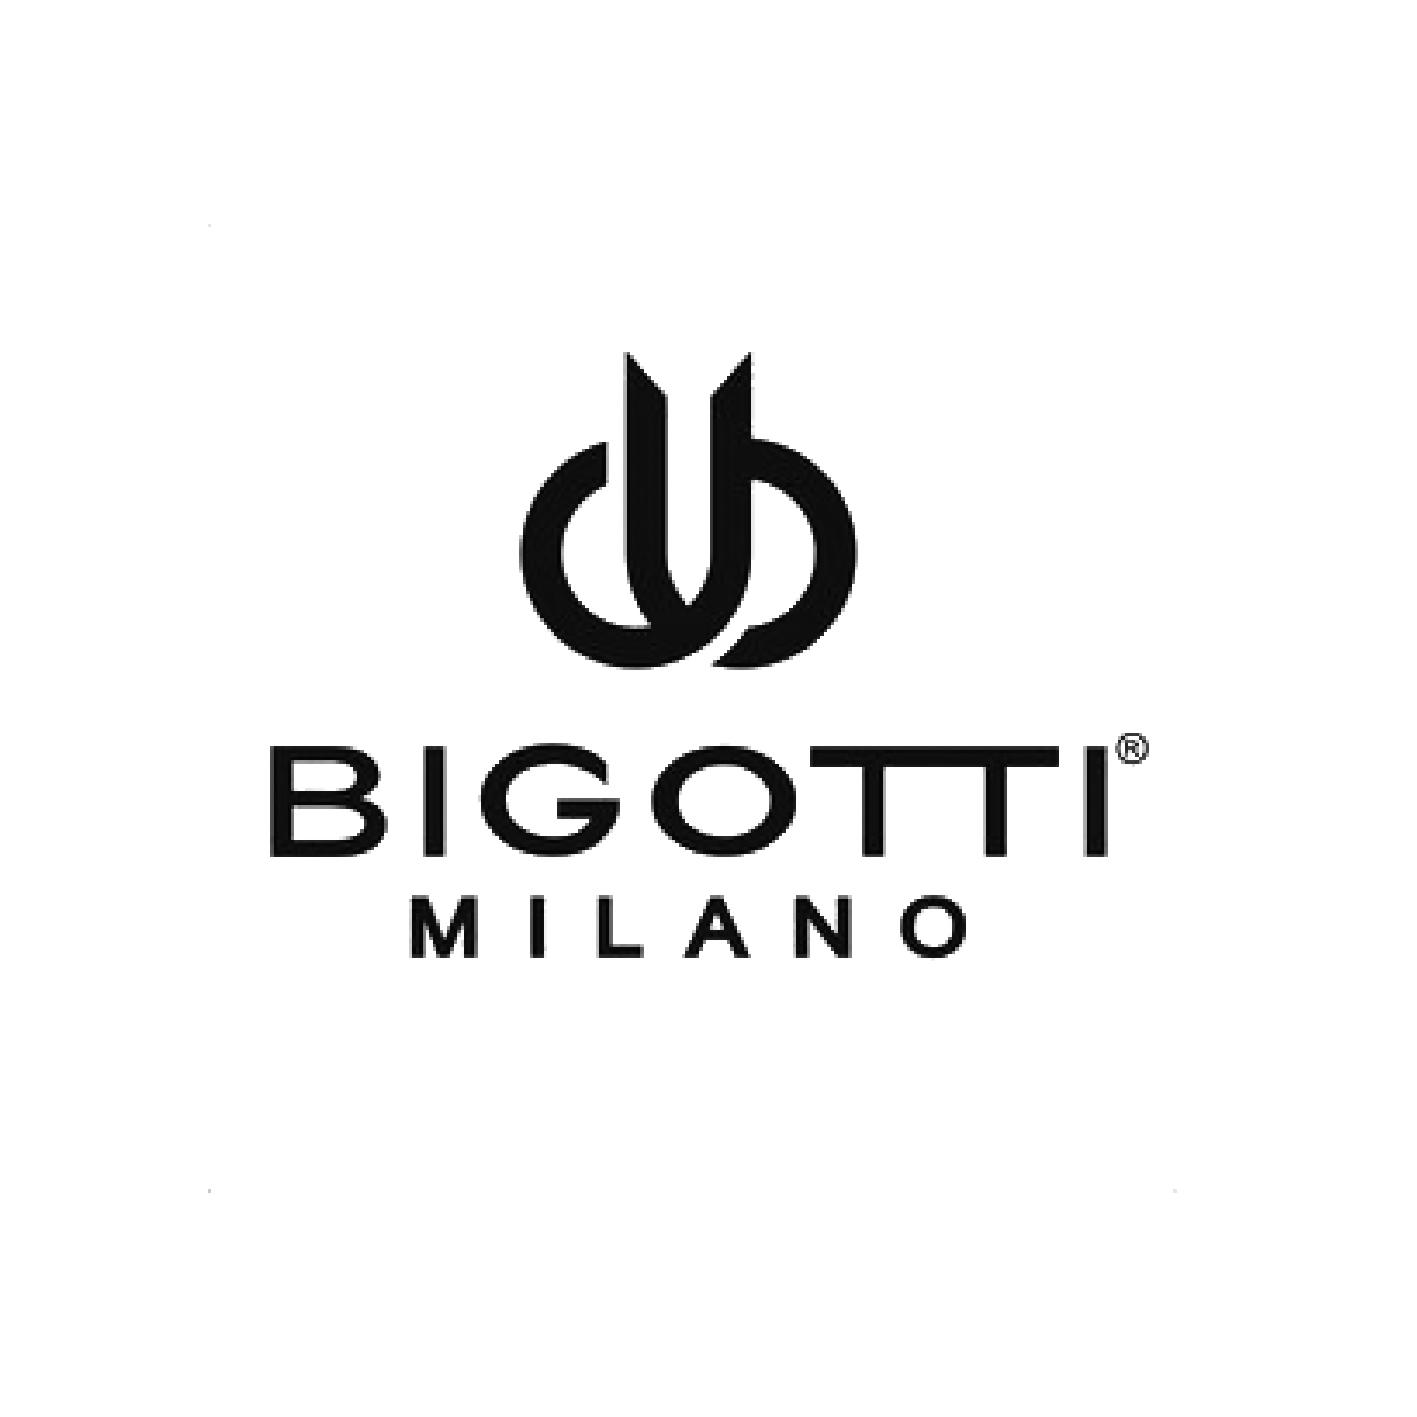 Bigotti Milano